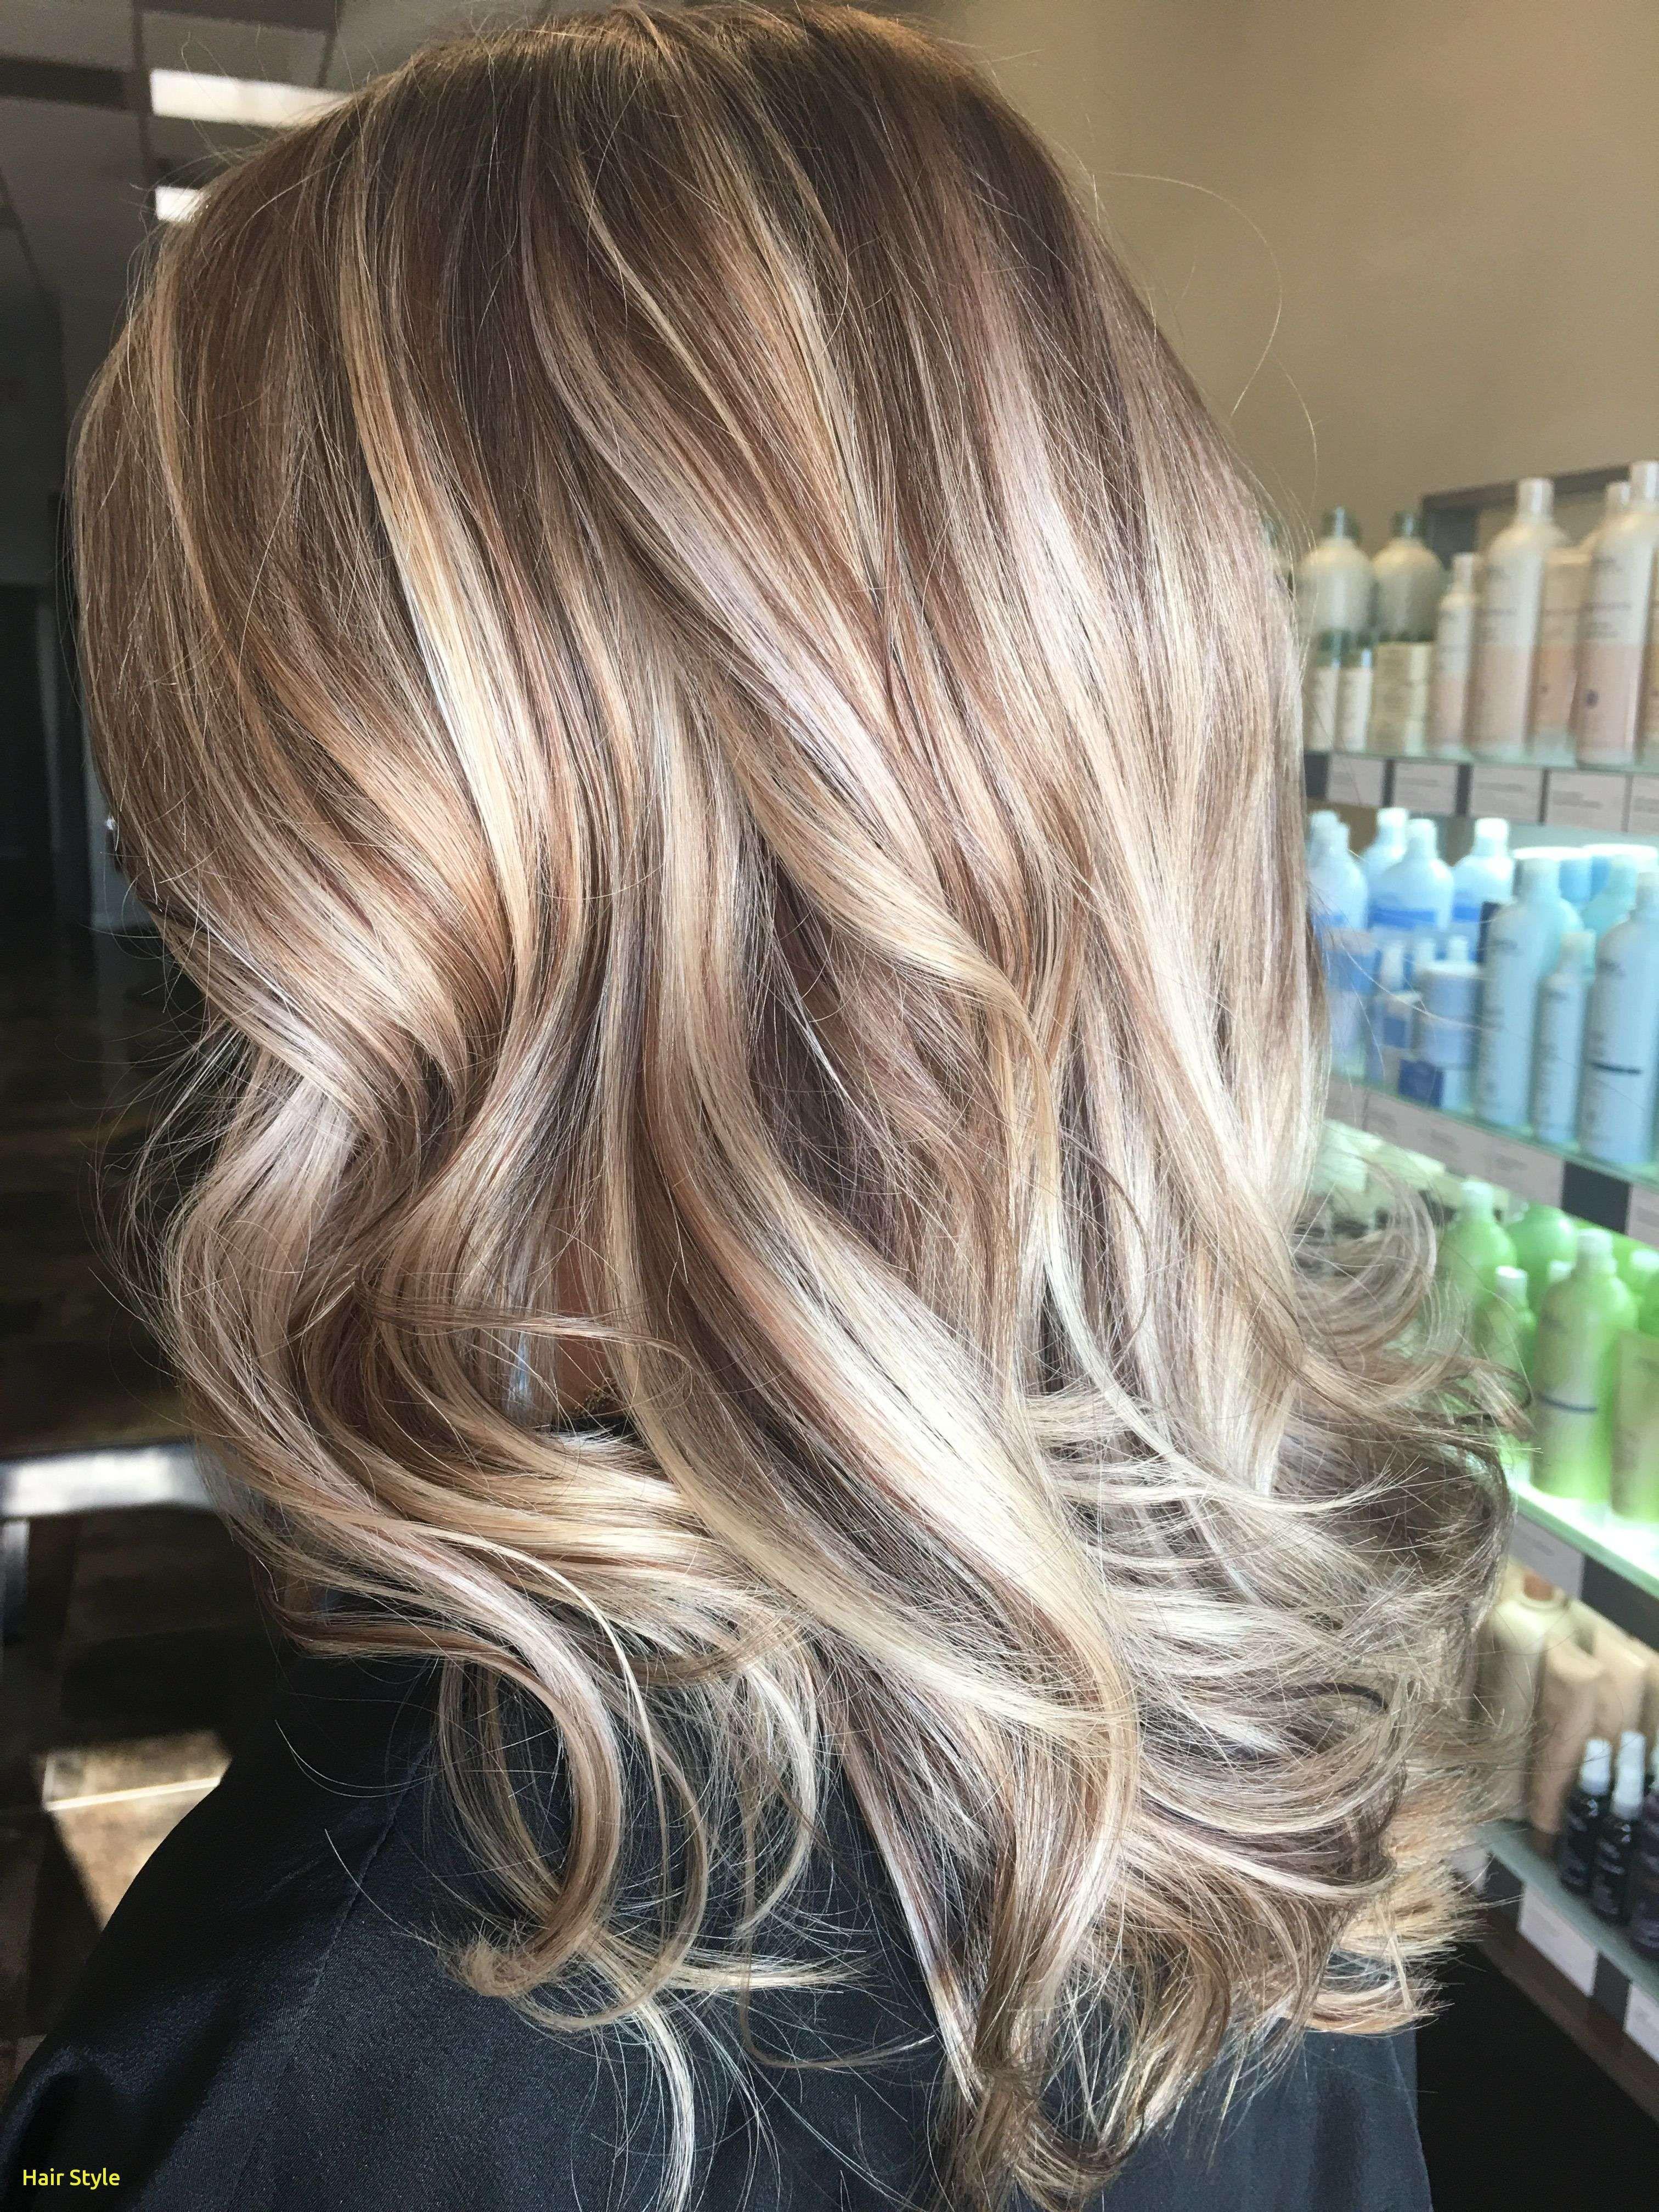 Inspirierend Beste Haarfarbe 2018 Fruhling Beste Fruhling Haarfarbe Inspirierend Kurzh Lange Blonde Haare Blonde Haare Ideen Haarfarben